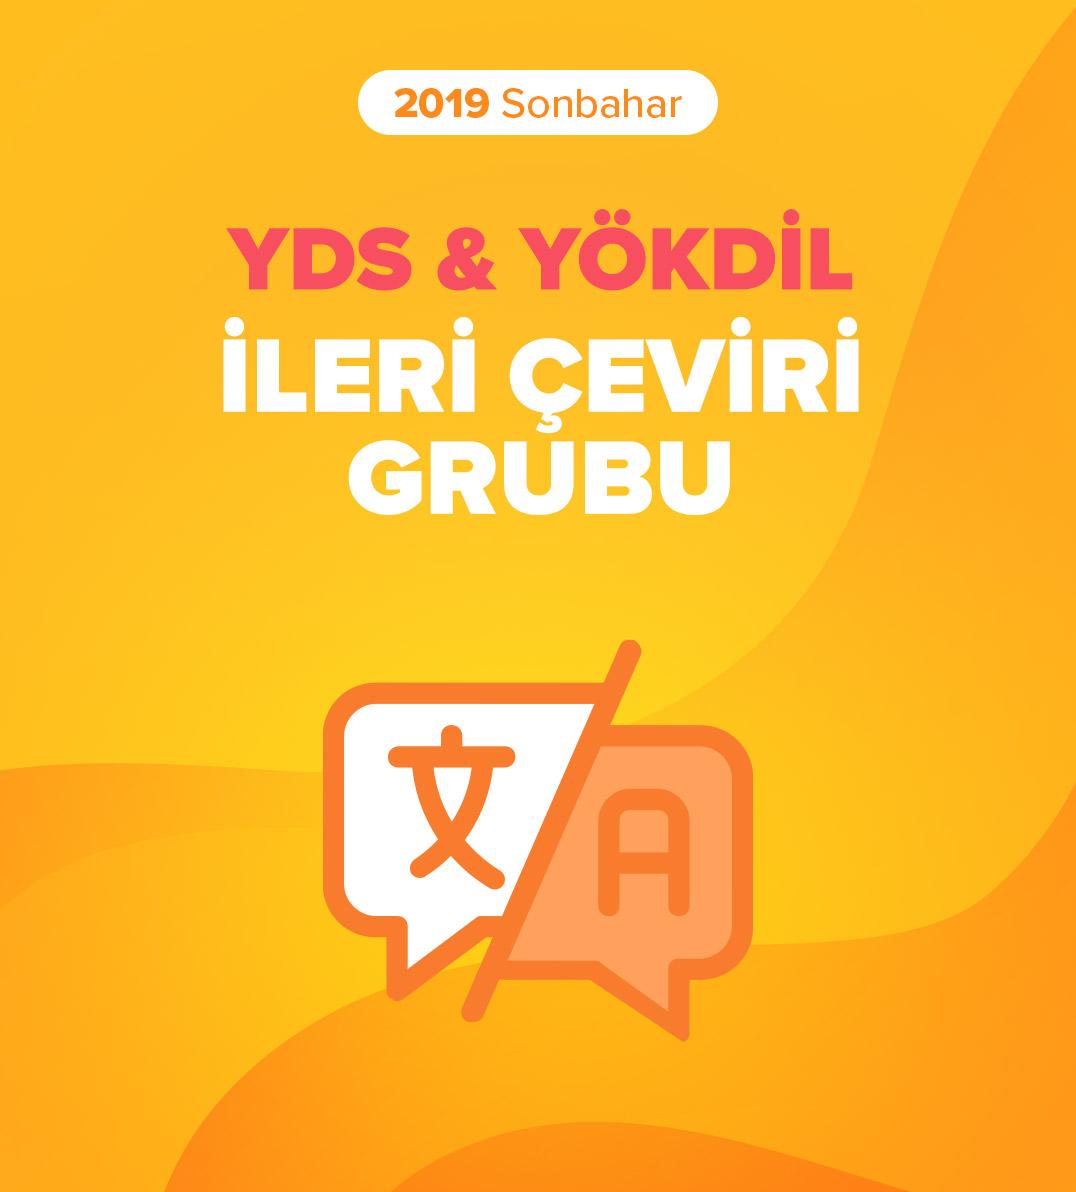 2019 Sonbahar İleri Akademik Çeviri